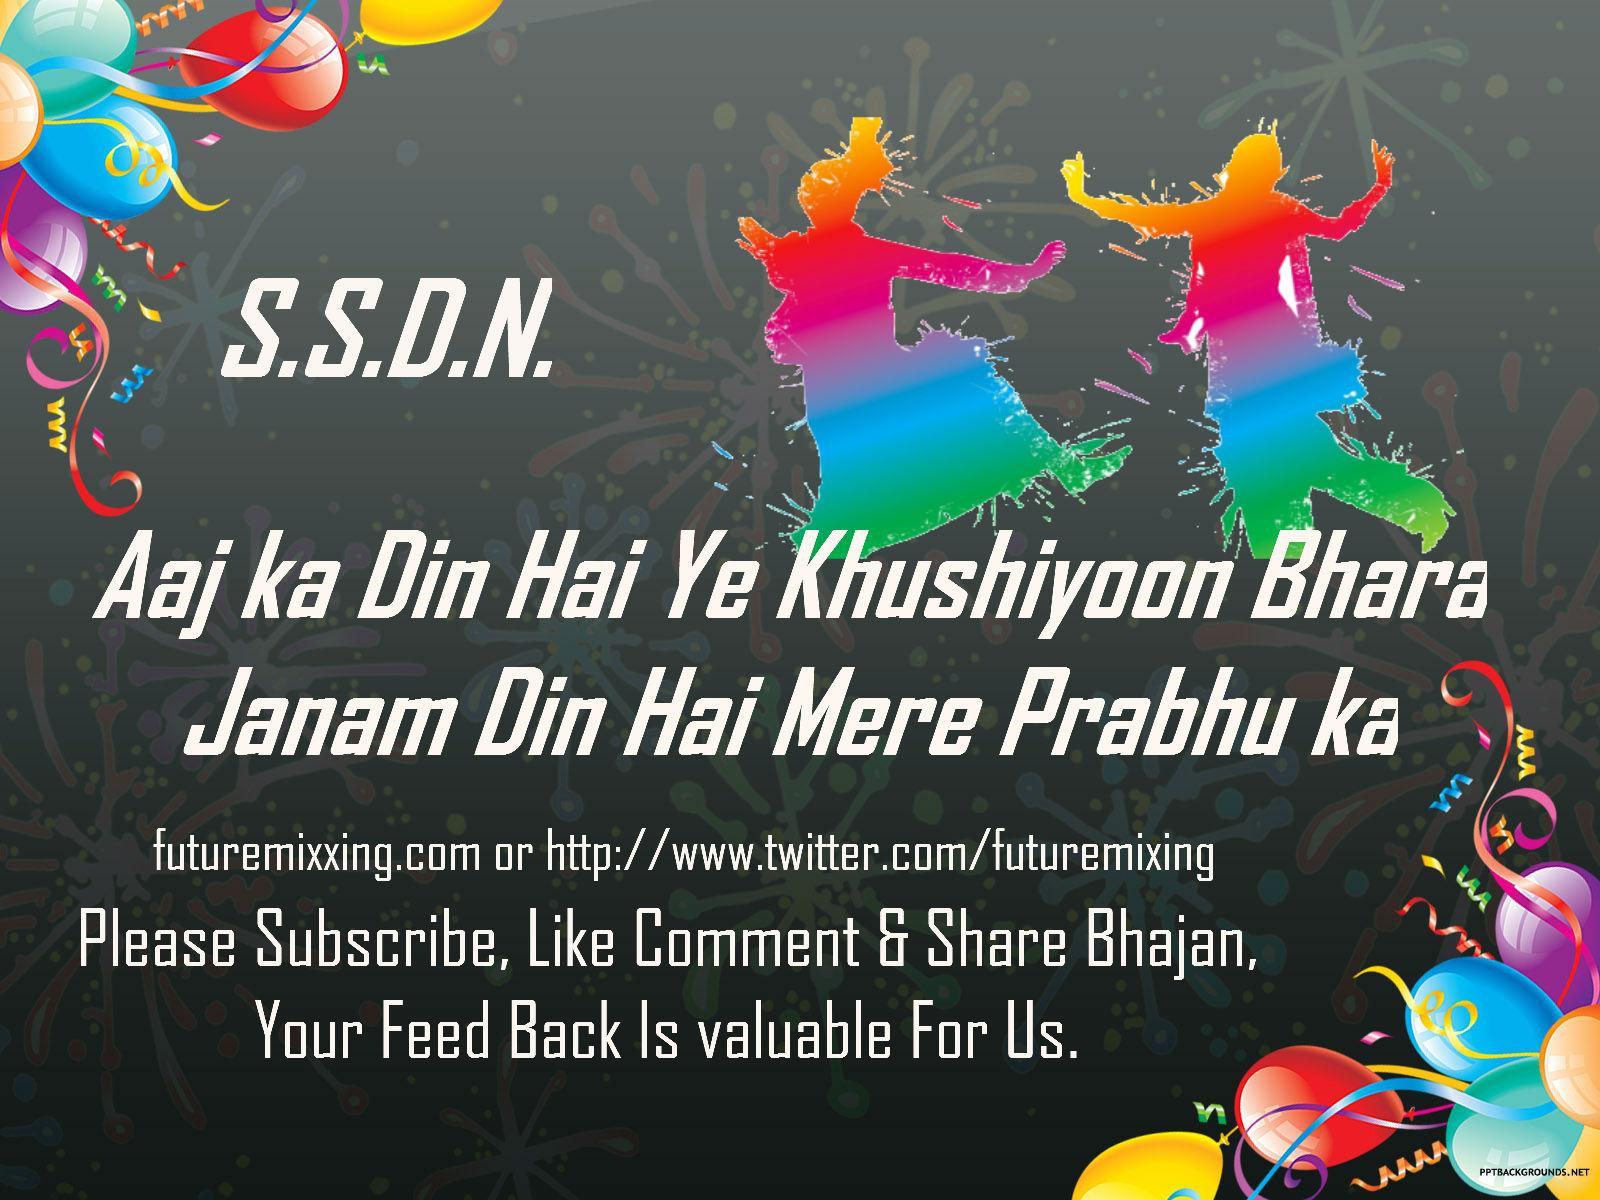 SSDN Bhajan, JanamDin Bhajan, Birthday Bhajan Lyrics : JanamDivas Hai Mere Prahu Ka